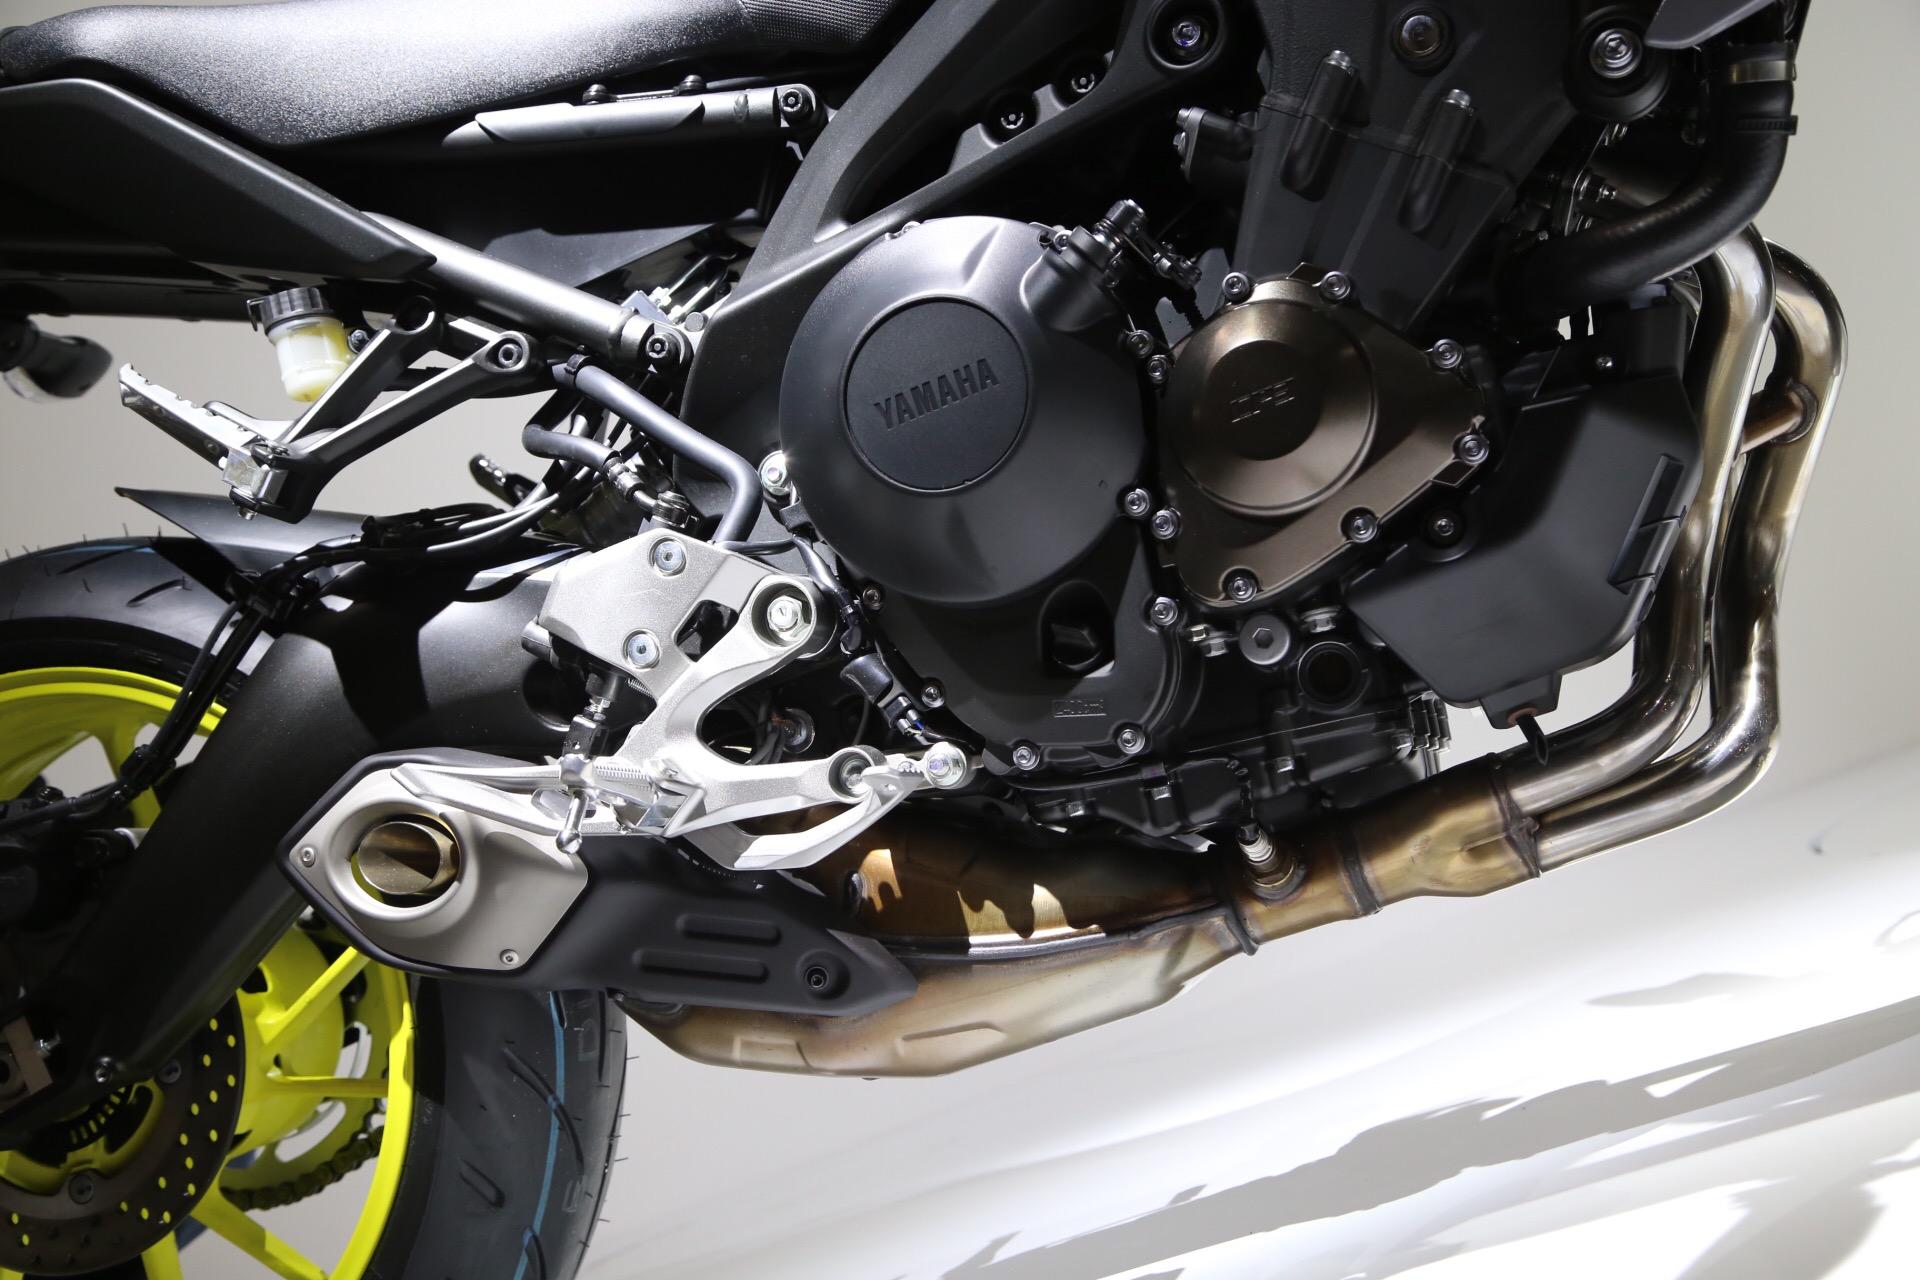 因應EURO4,排氣管更換,而且連引擎Case 外蓋也換成和日規MT-09同樣的全包覆式的設計。